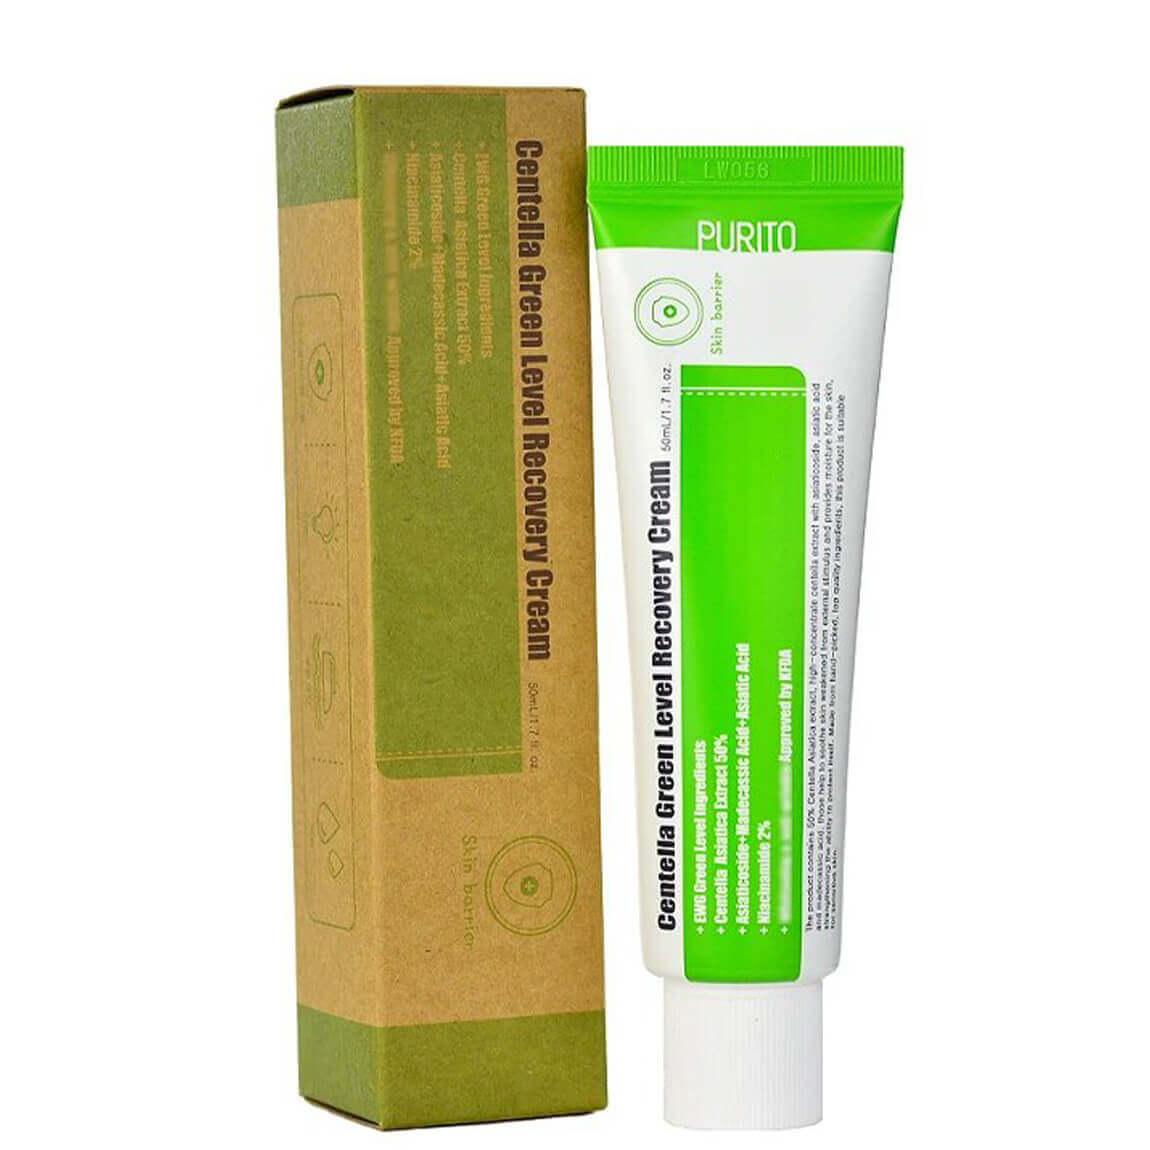 Заспокійливий крем PURITO Centella Green Level Recovery Cream